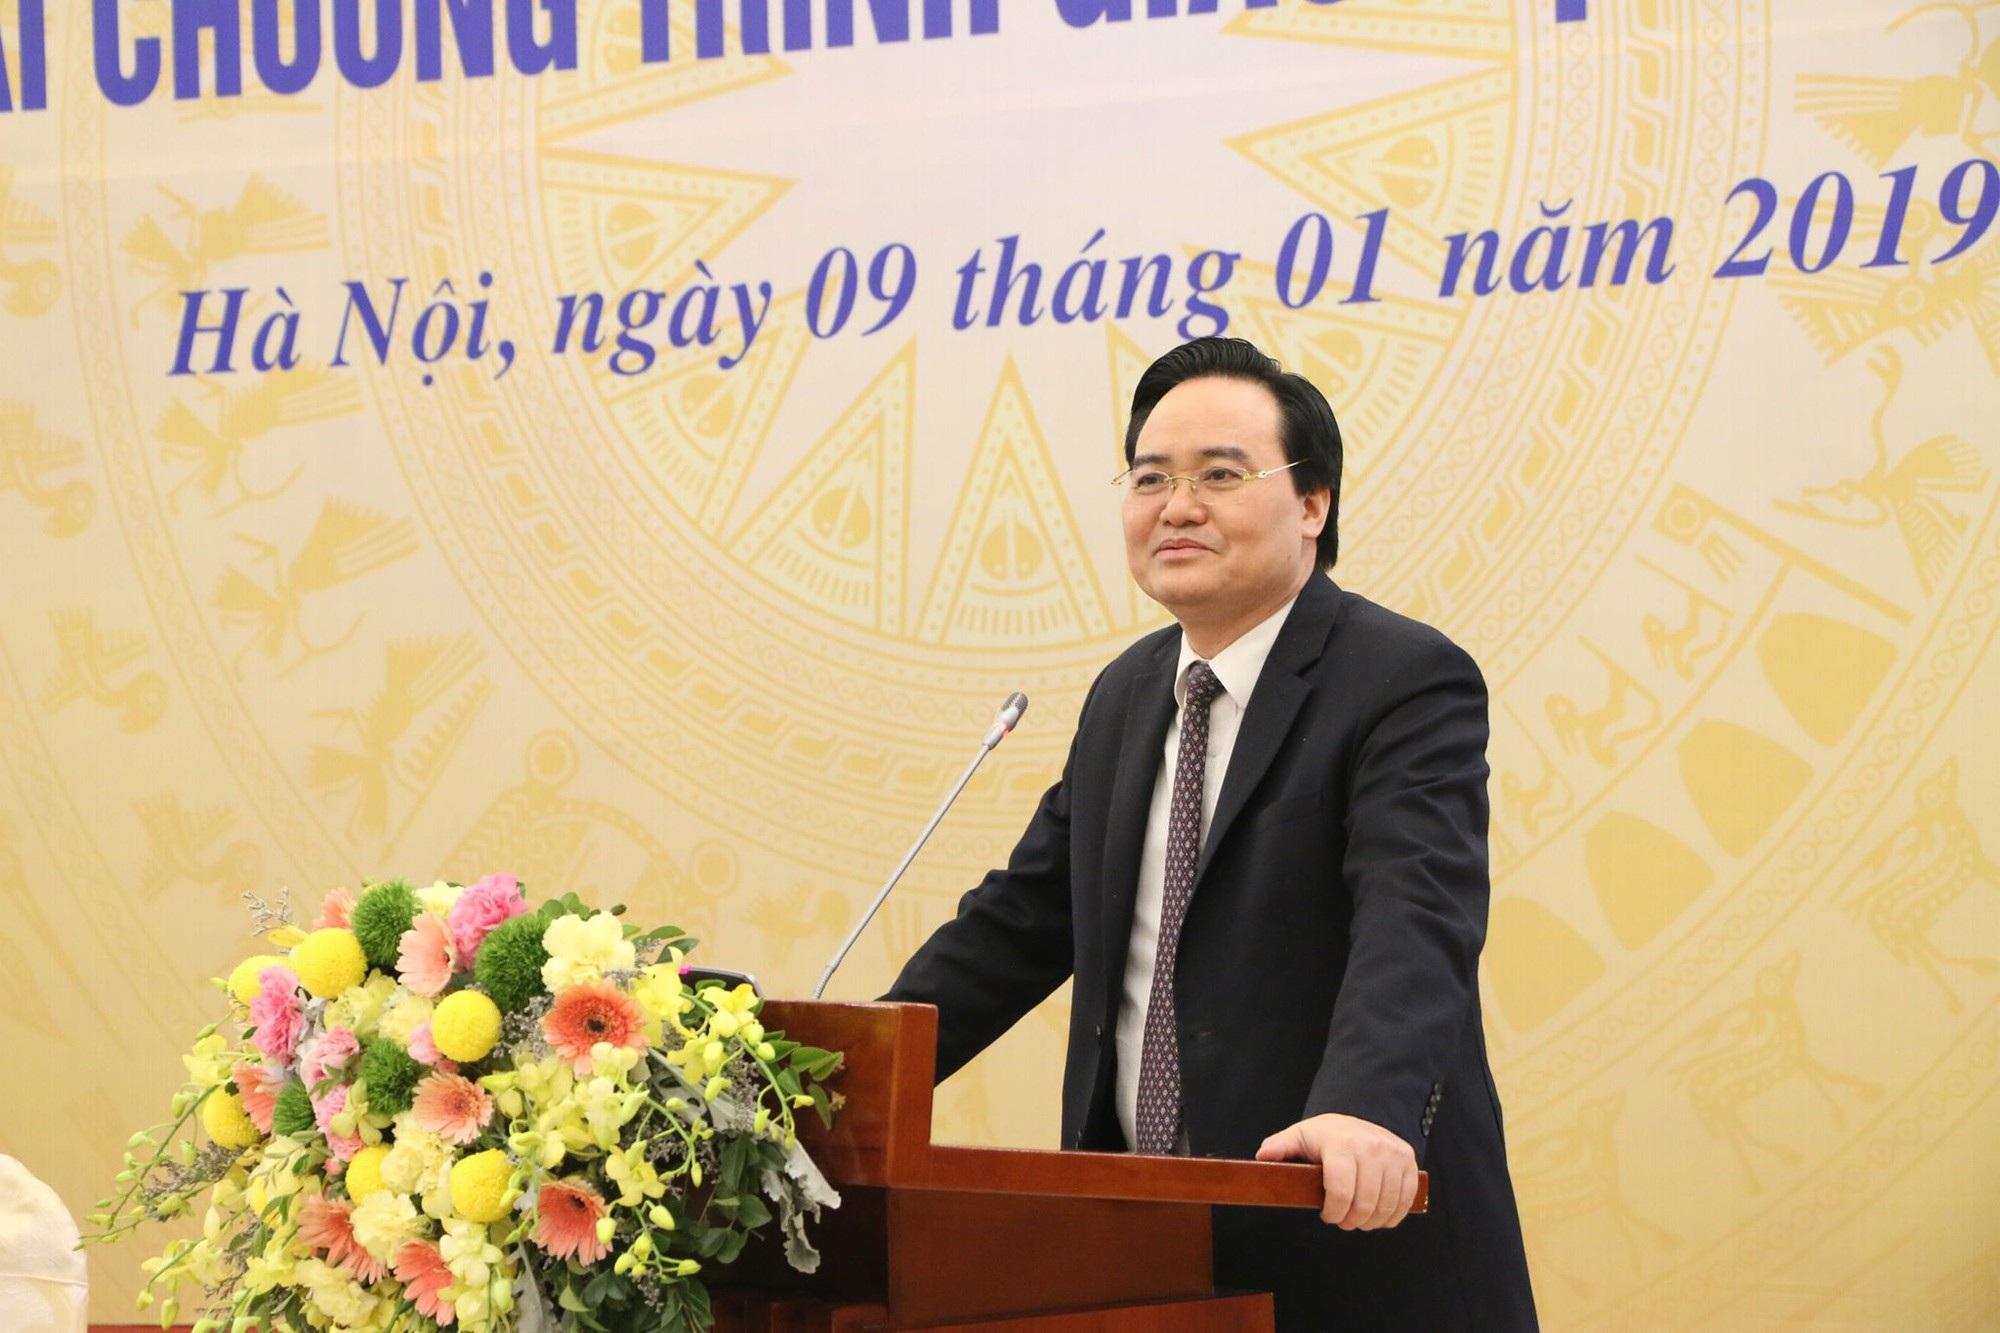 """Bộ trưởng Phùng Xuân Nhạ: """"Các Sở GD&ĐT chia sẻ khó khăn để sớm đổi mới giáo dục phổ thông"""" - Ảnh 1."""